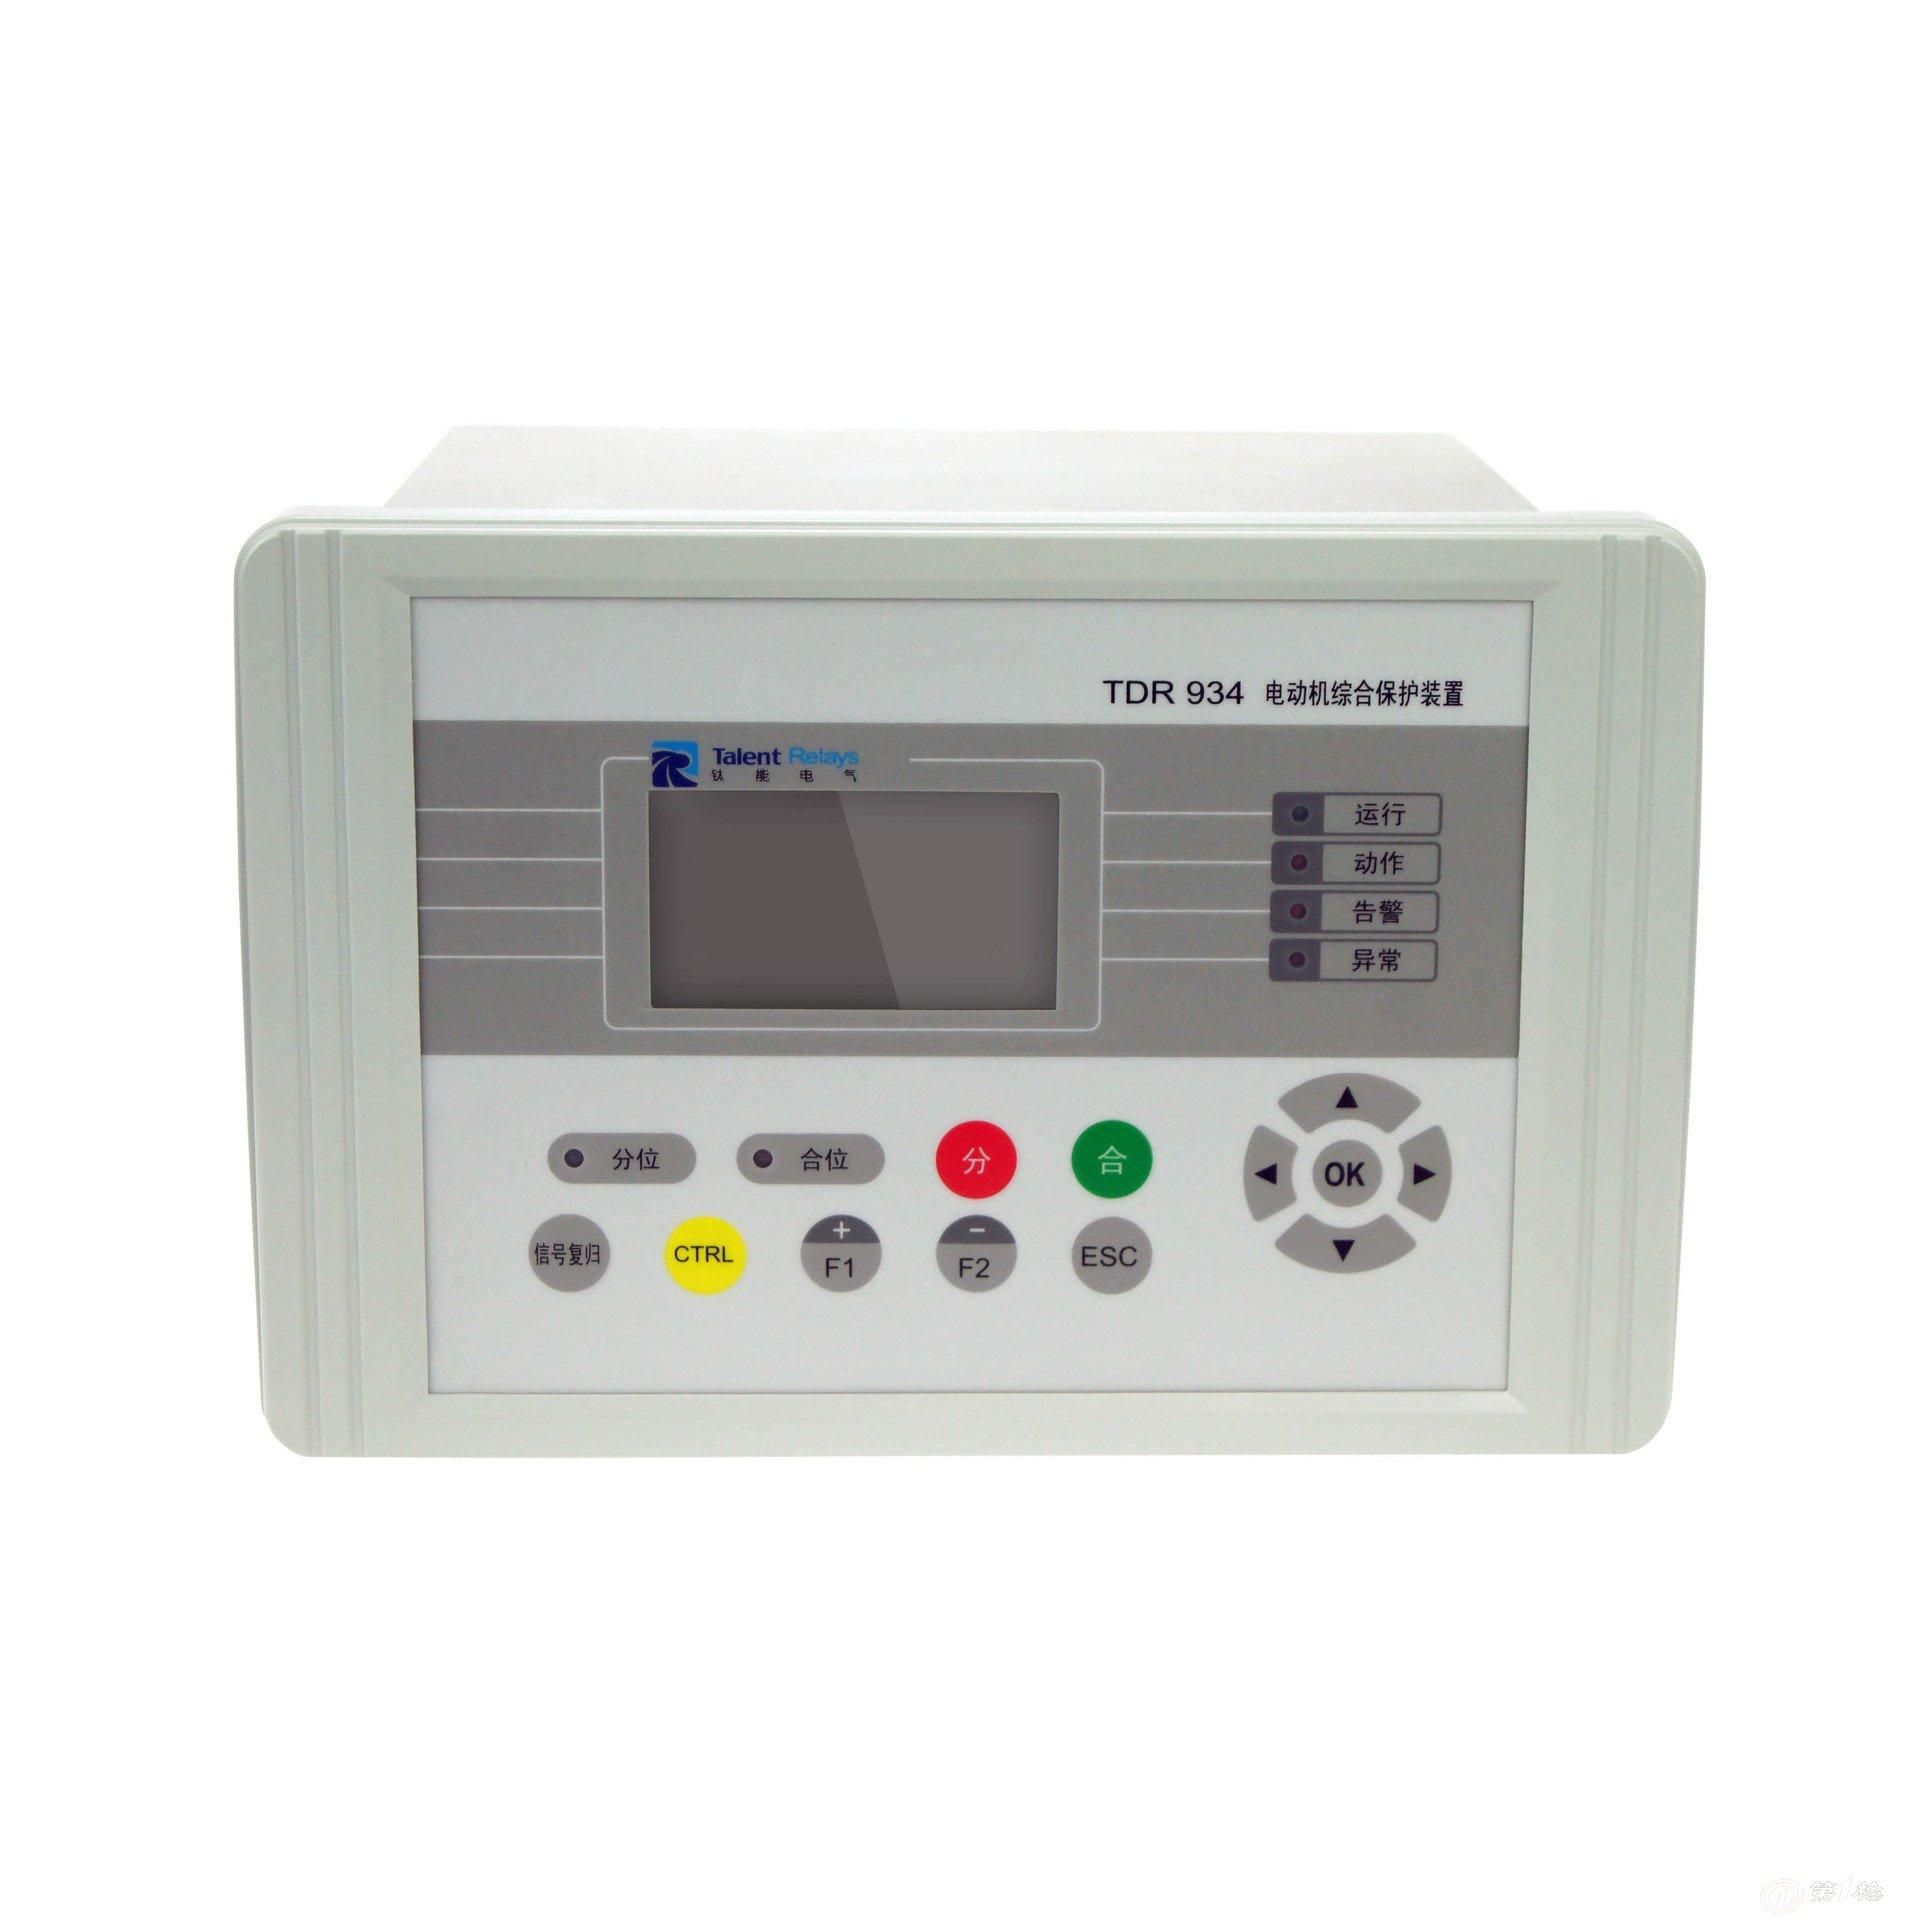 本装置测量元件采用专用测量ta,采用两表法接线.